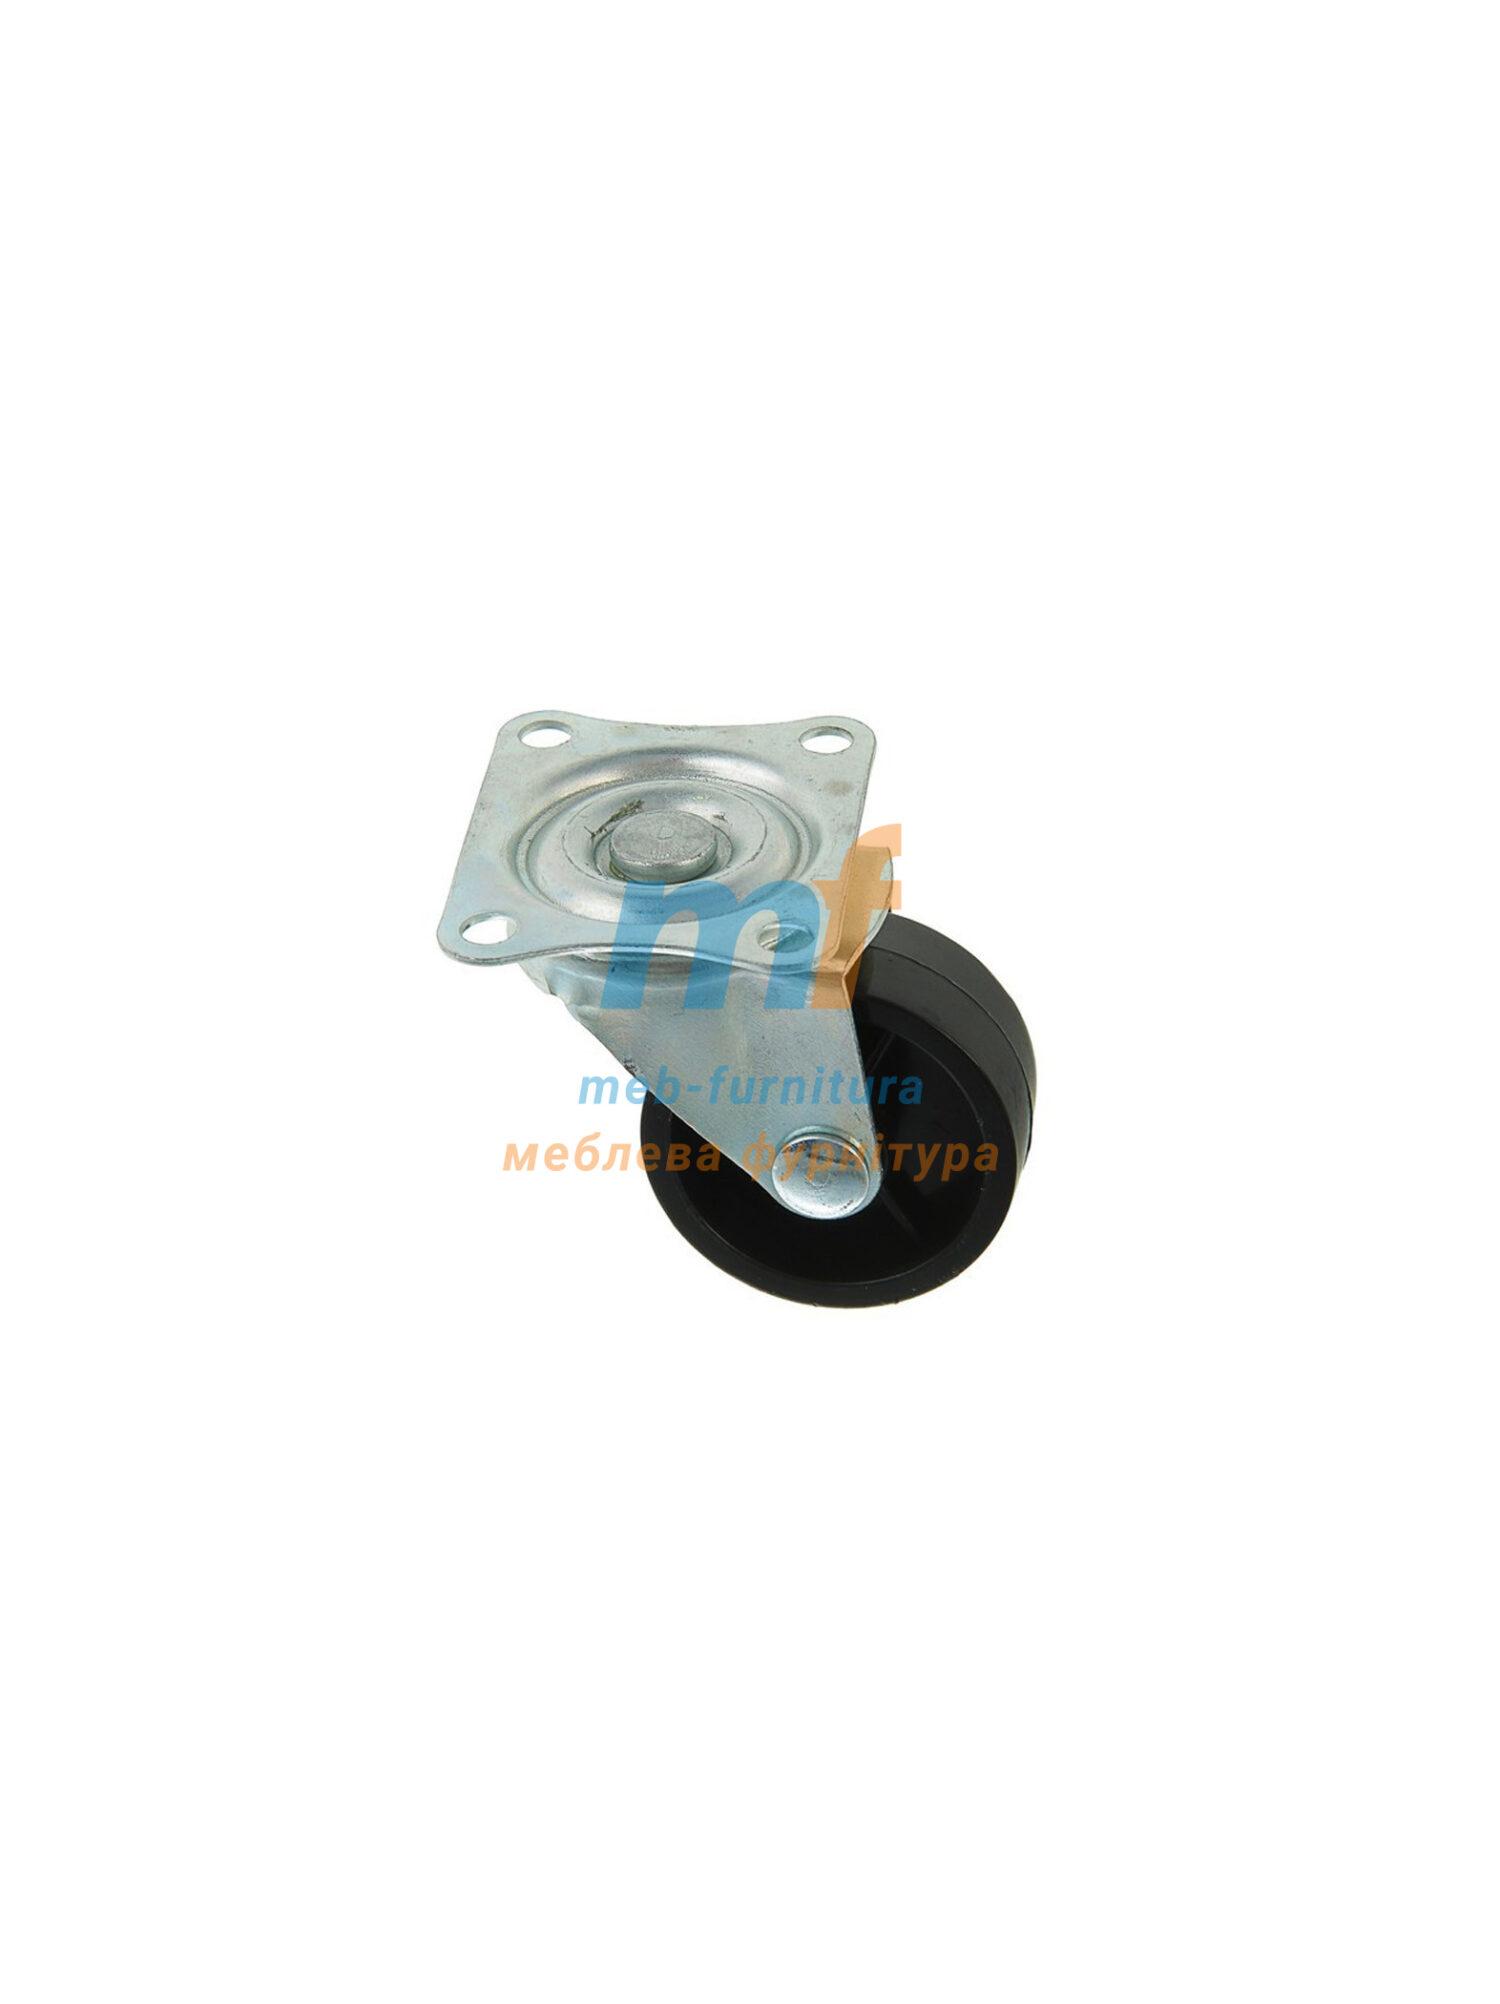 Колесо резина на платформе 40мм (3-004)